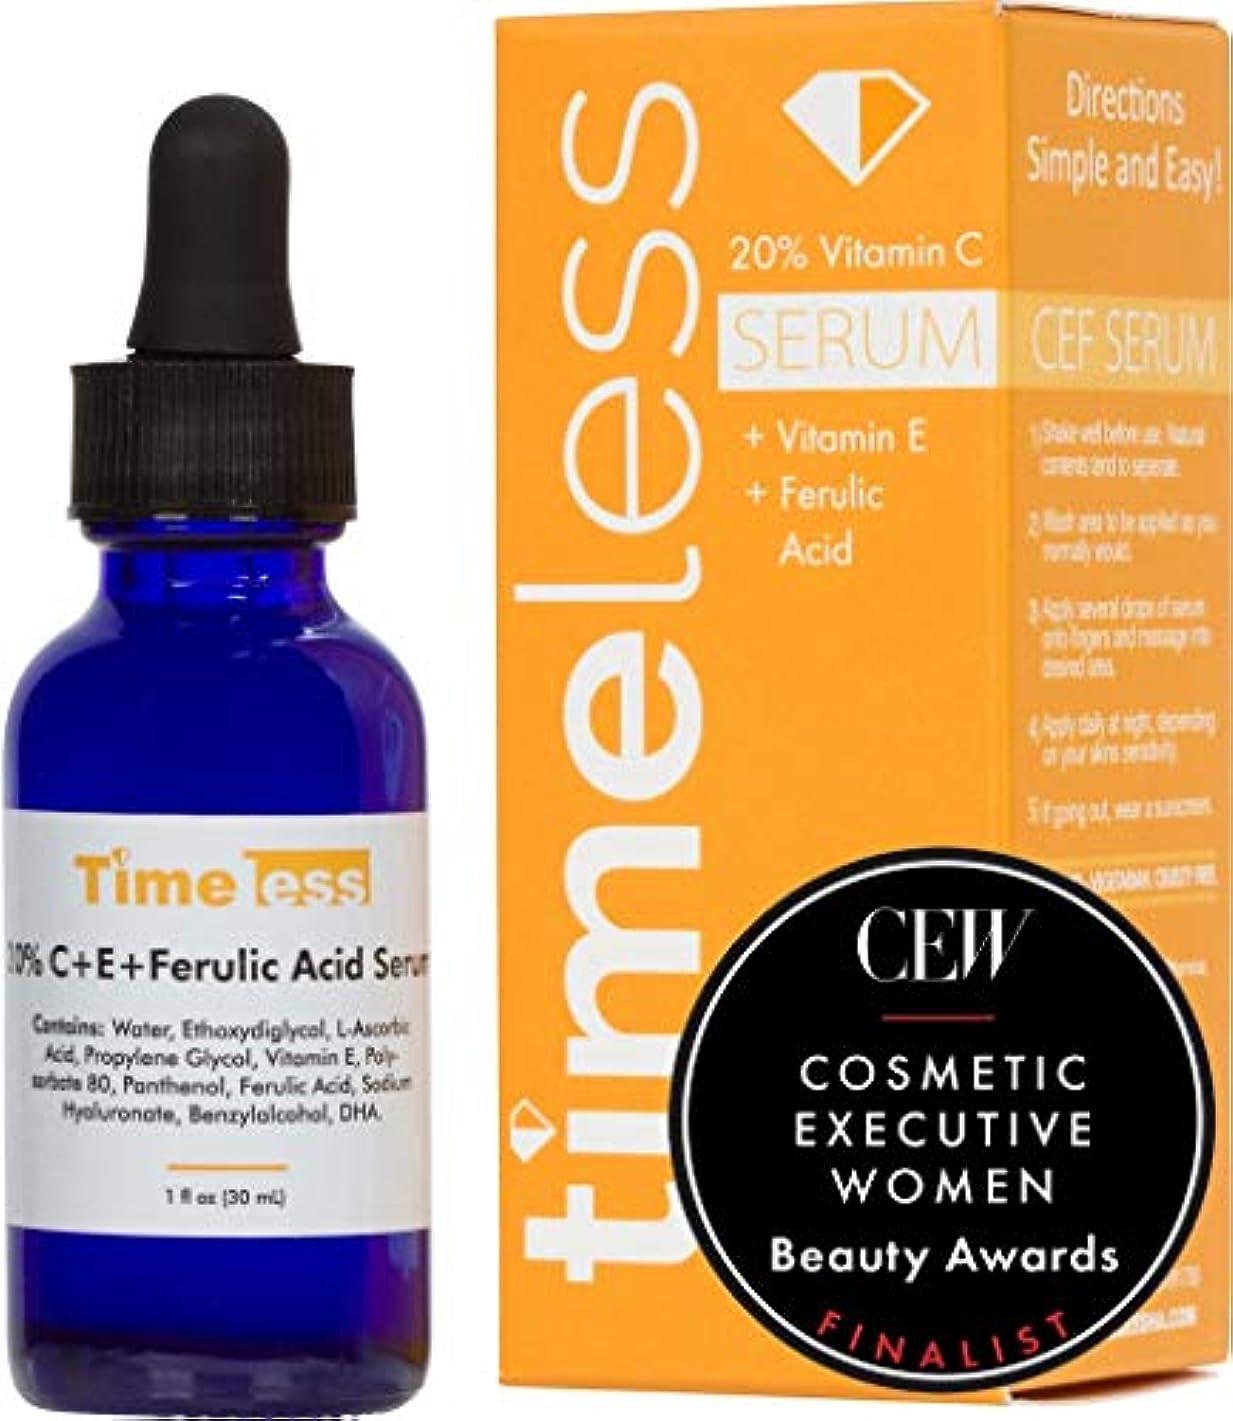 高さリビングルーム化石Timeless Skin Care 20% Vitamin C + E Ferulic Acid Serum 30ml /1oz - Sealed & Fresh Guaranteed! Dispatch from the UK